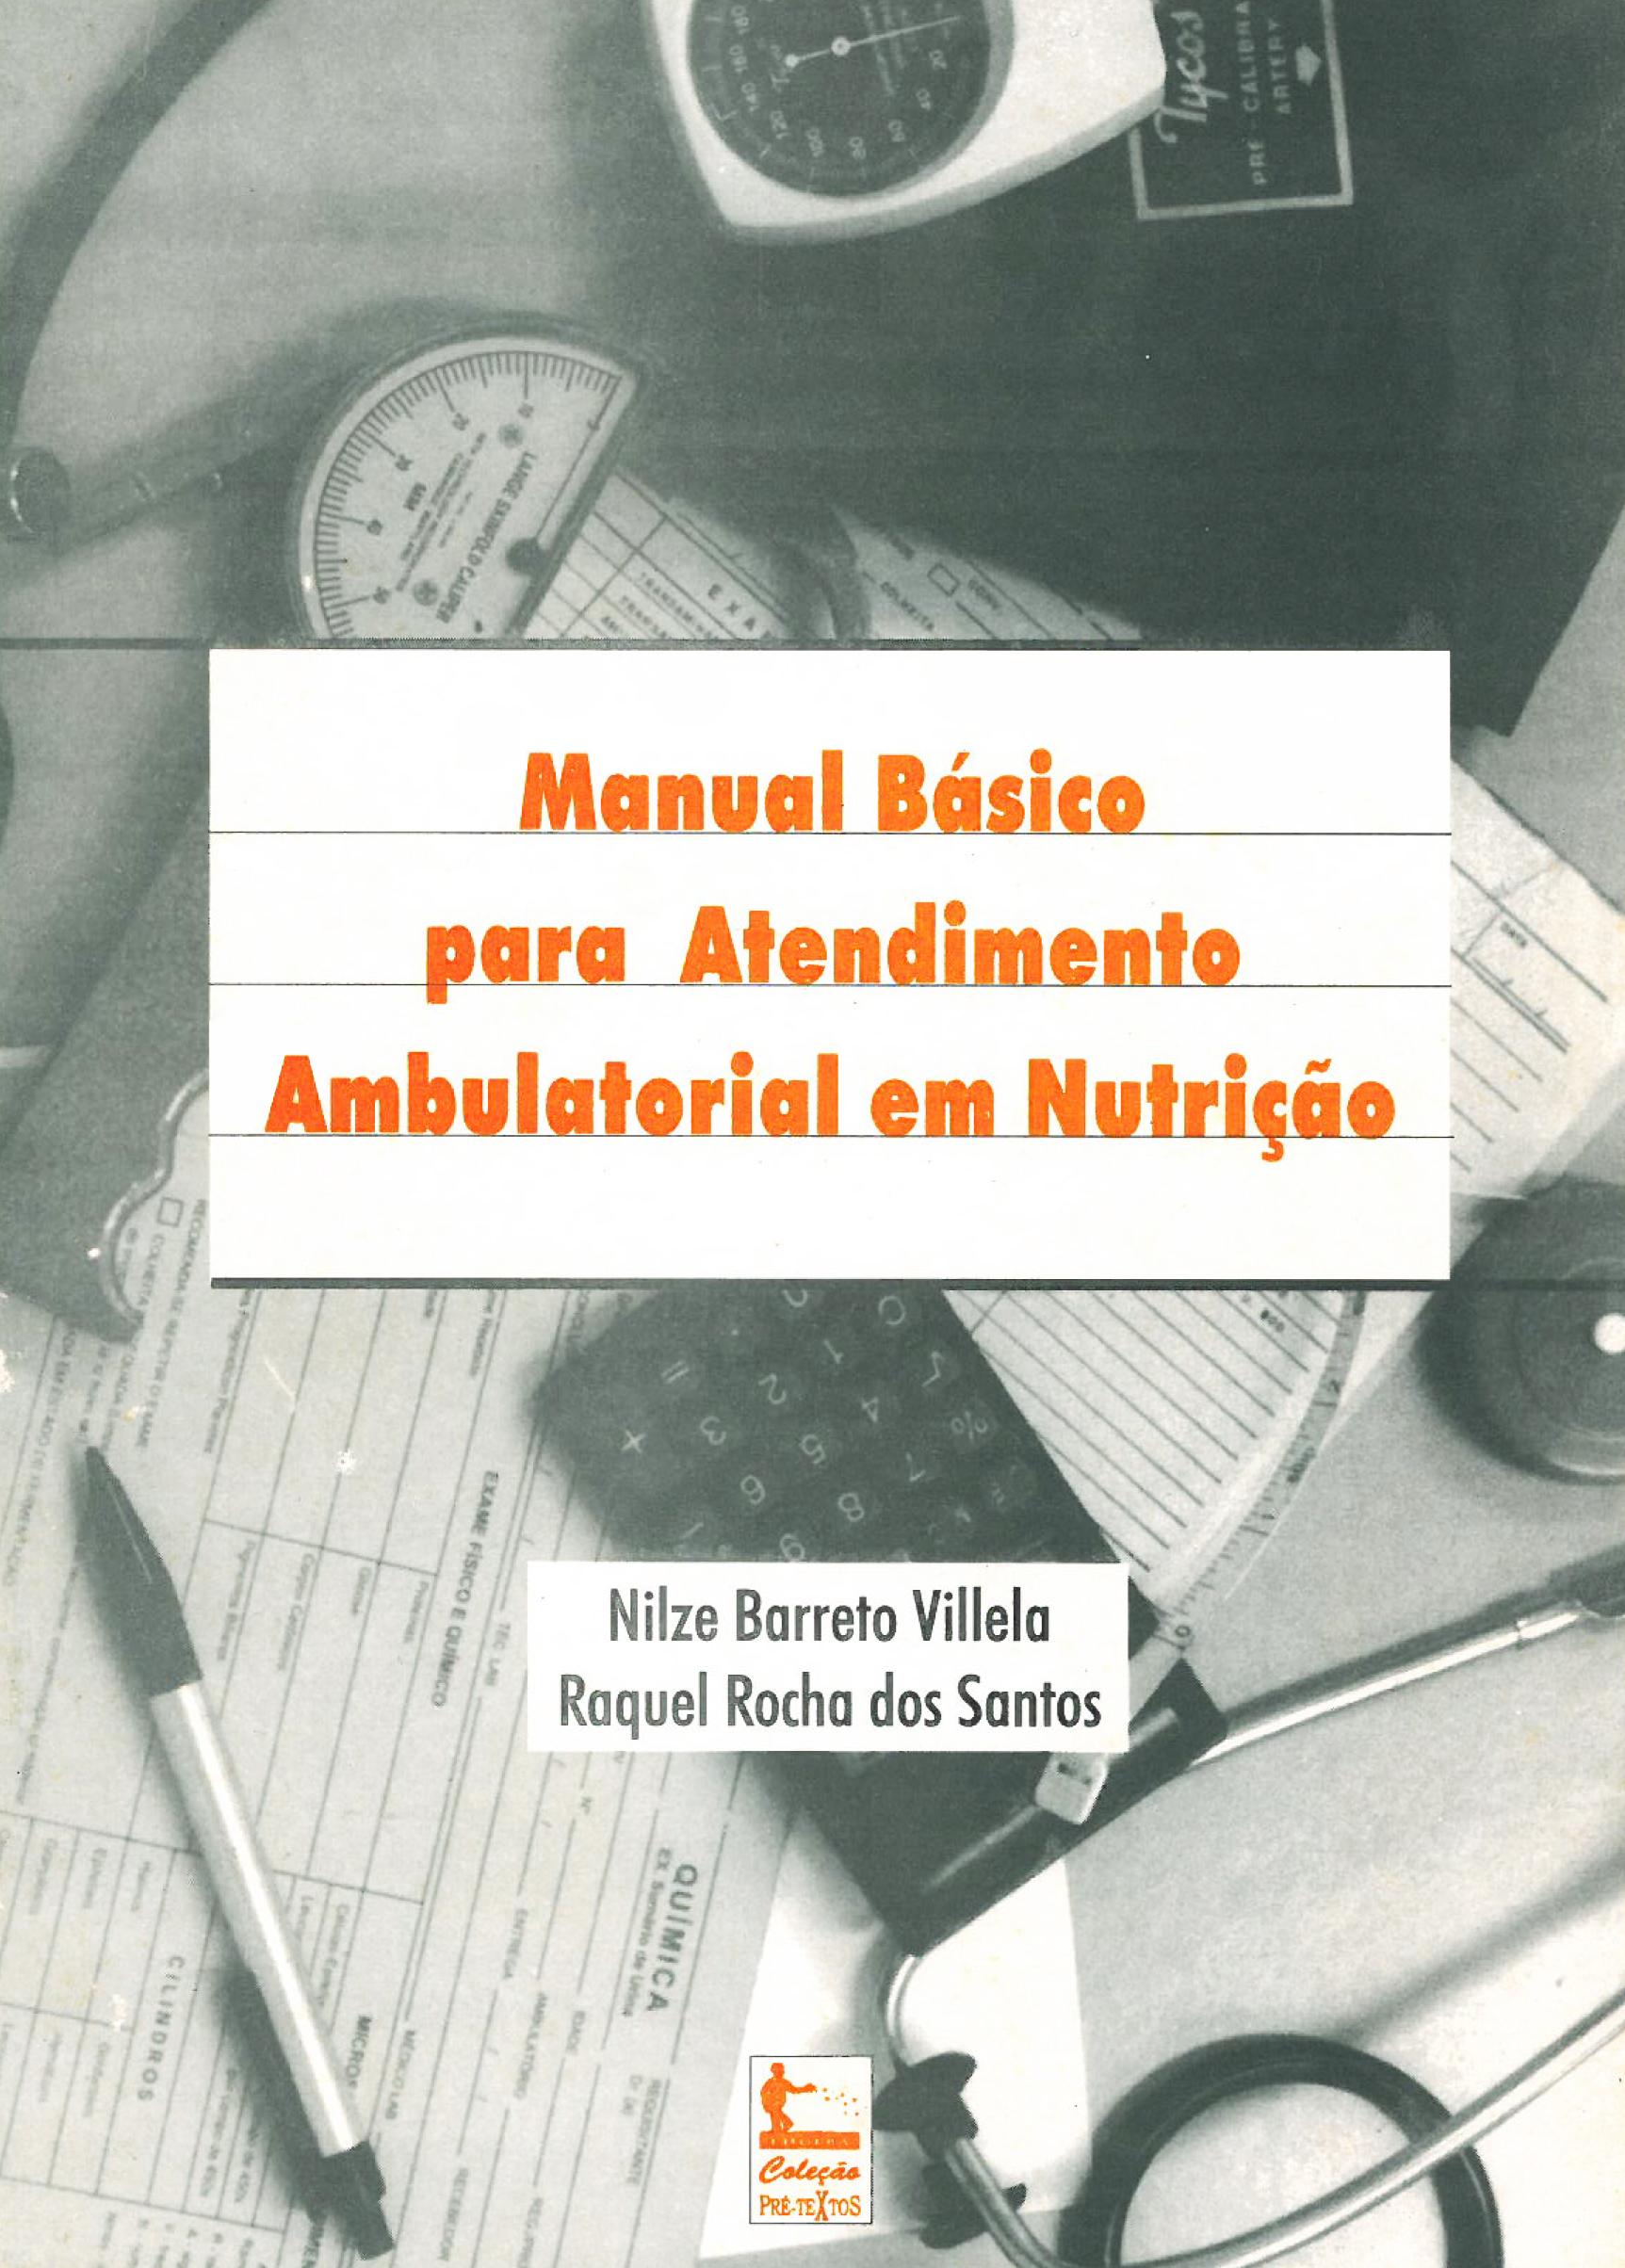 Manual básico para atendimento ambulatorial em nutrição, livro de Nilze Barreto Villela, Raquel Rocha dos Santos